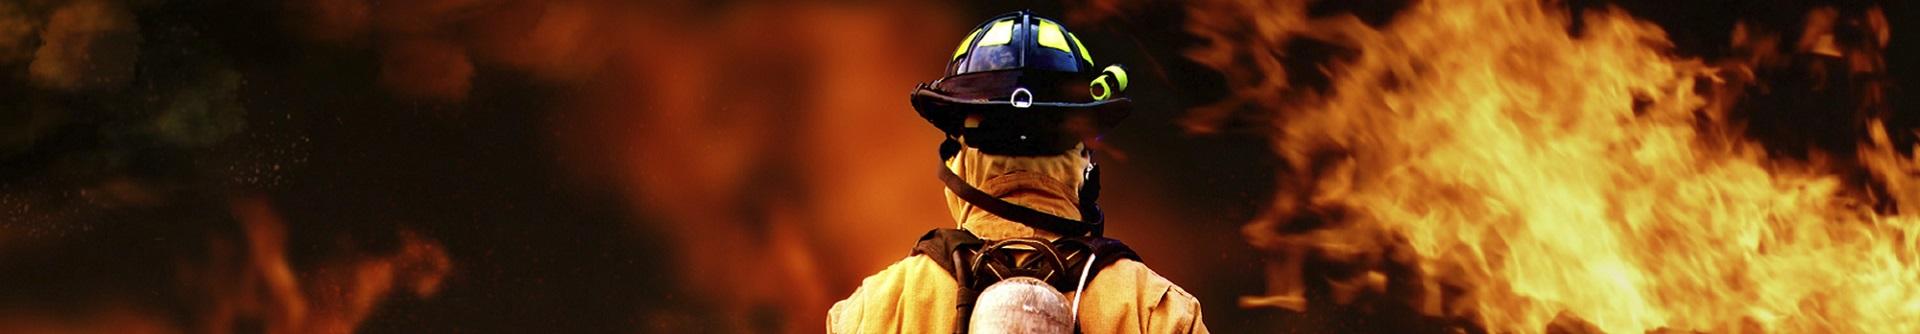 Новые требования пожарной безопасности распространяются и на старые здания